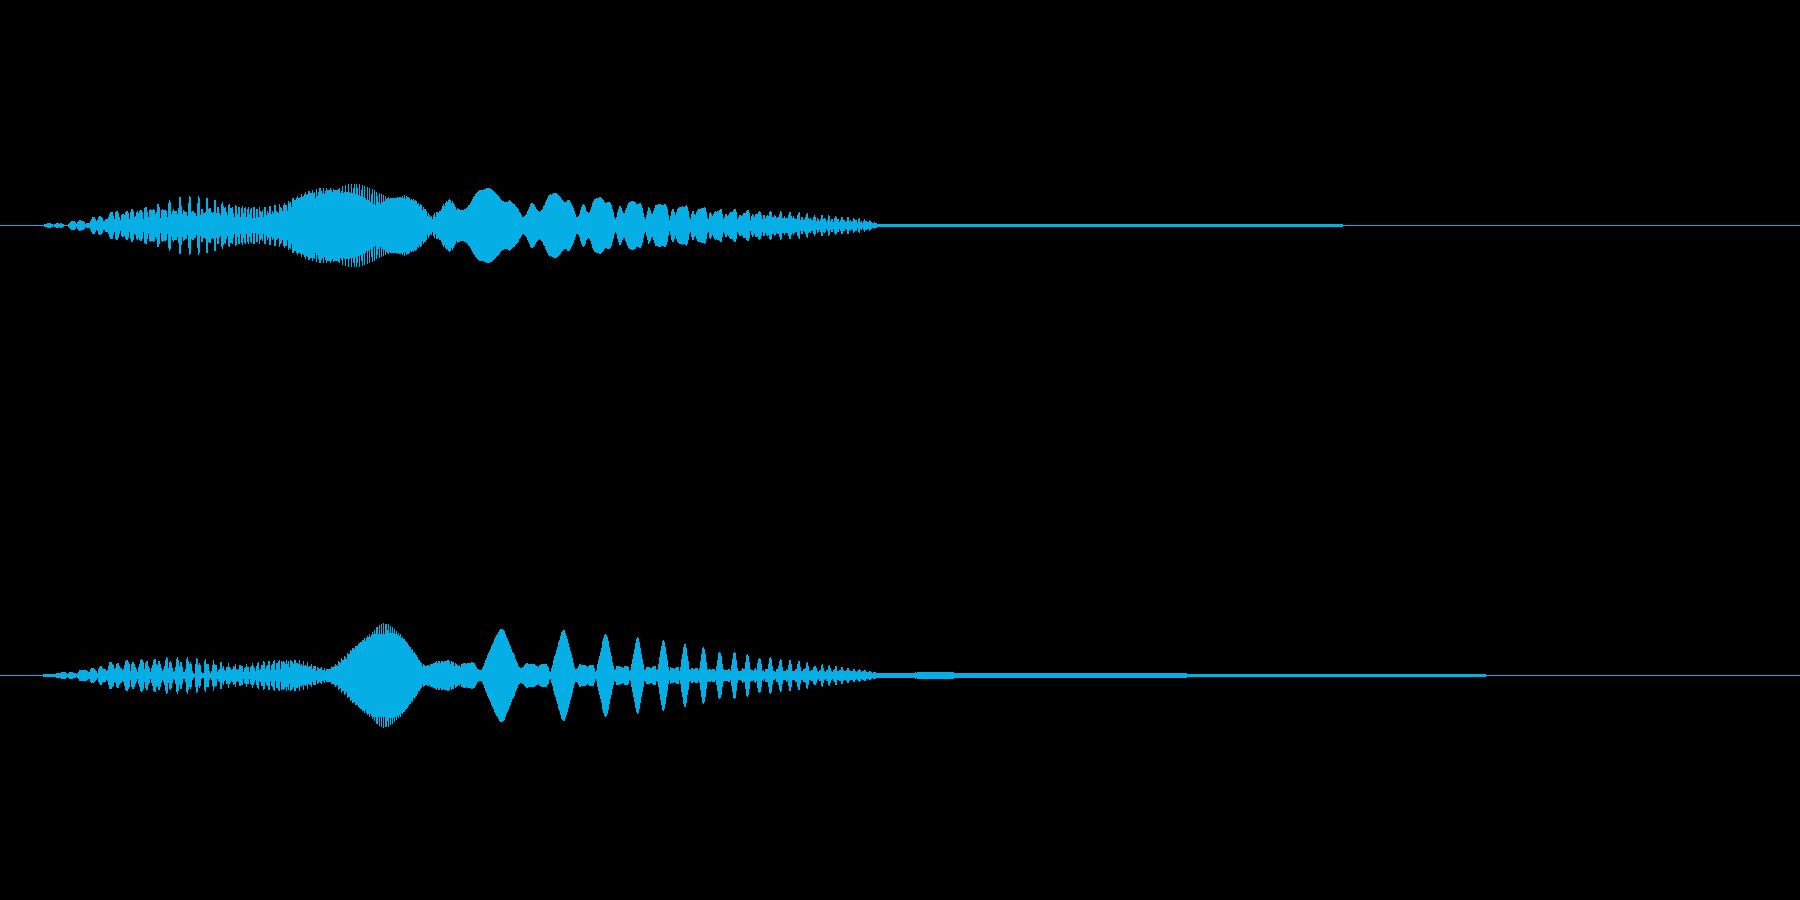 MediaFX VTRの始まりの音 2の再生済みの波形